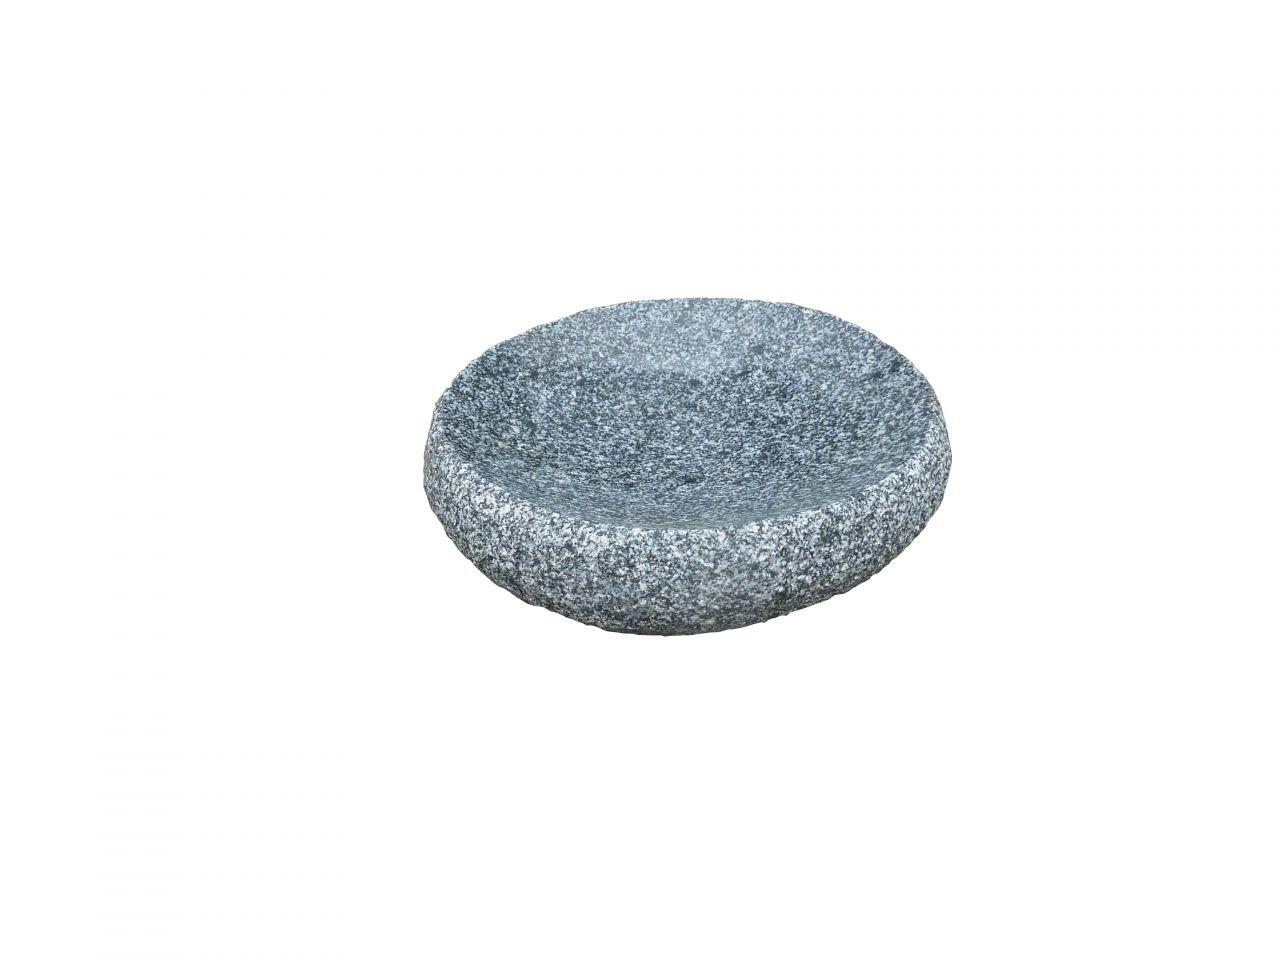 Granitvogeltränke rund- grau von Naturstein Geukes